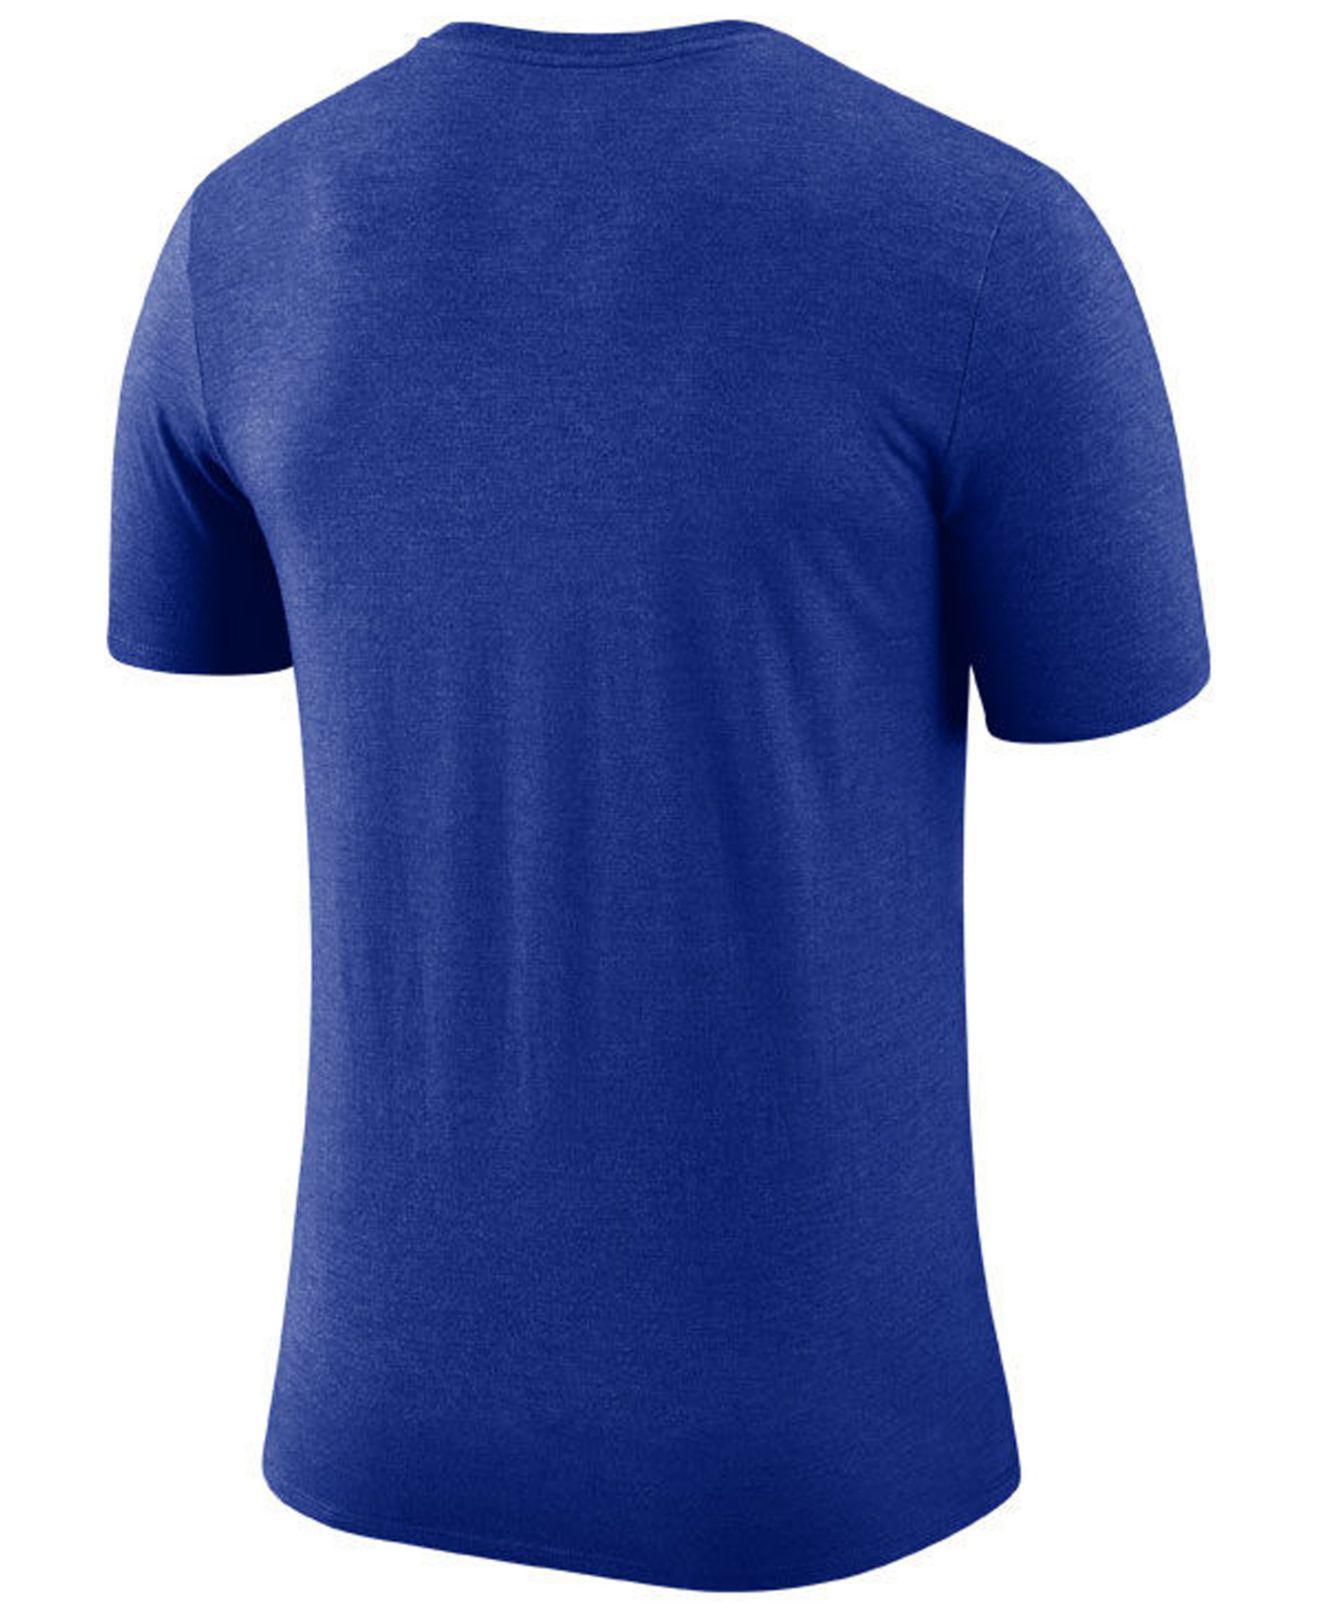 Lyst - Nike Denver Broncos Historic Crackle T-shirt in Blue for Men 8491b63d4